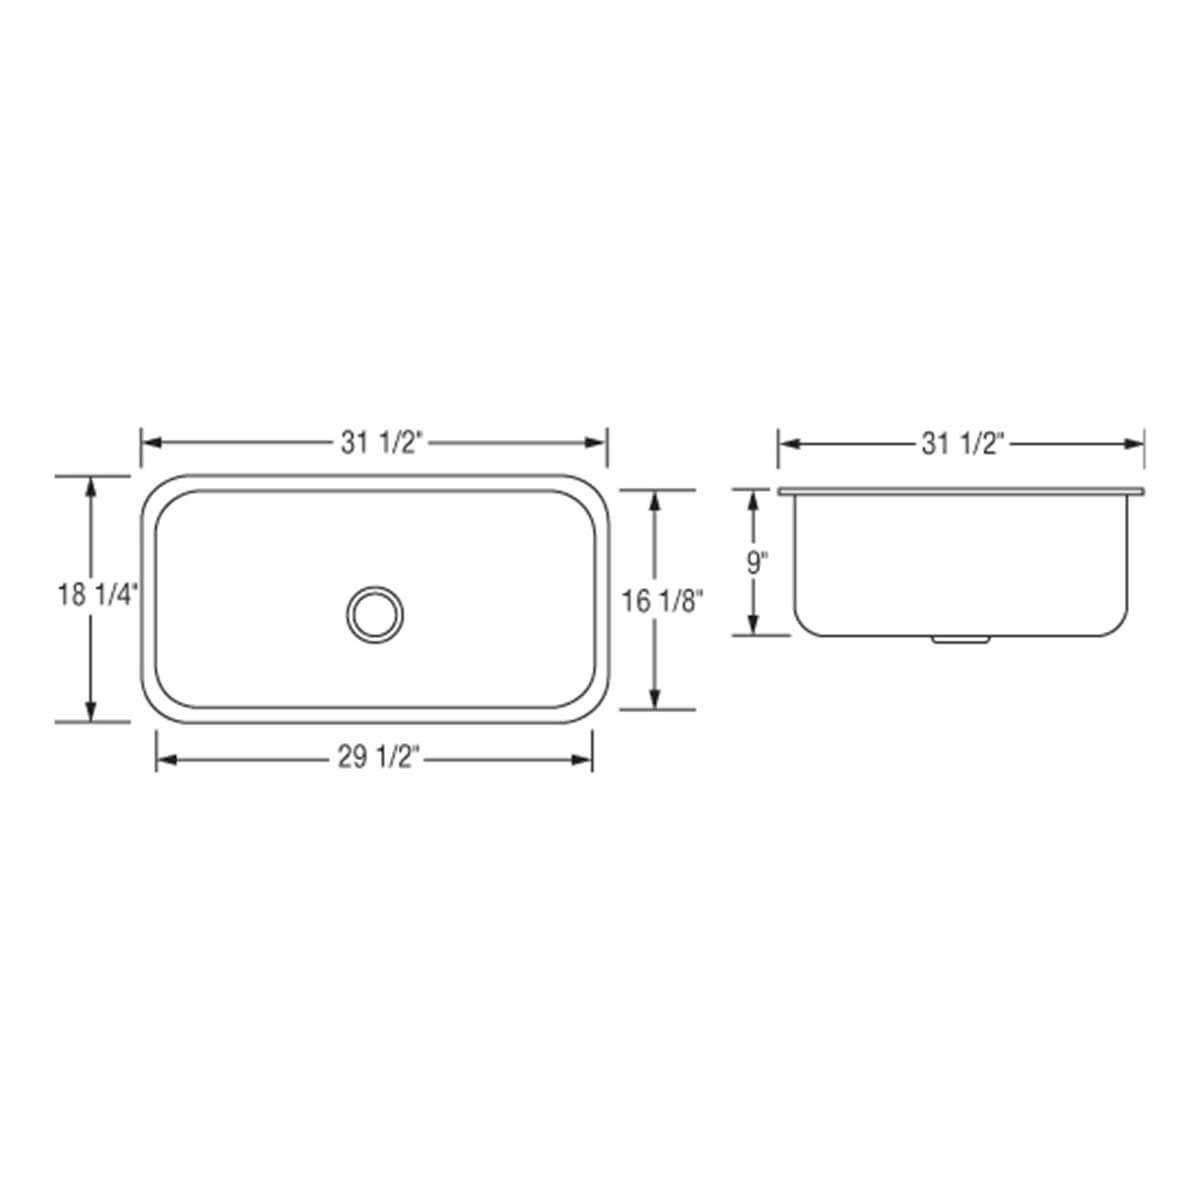 Artisan Sinks Premium Sink Draw